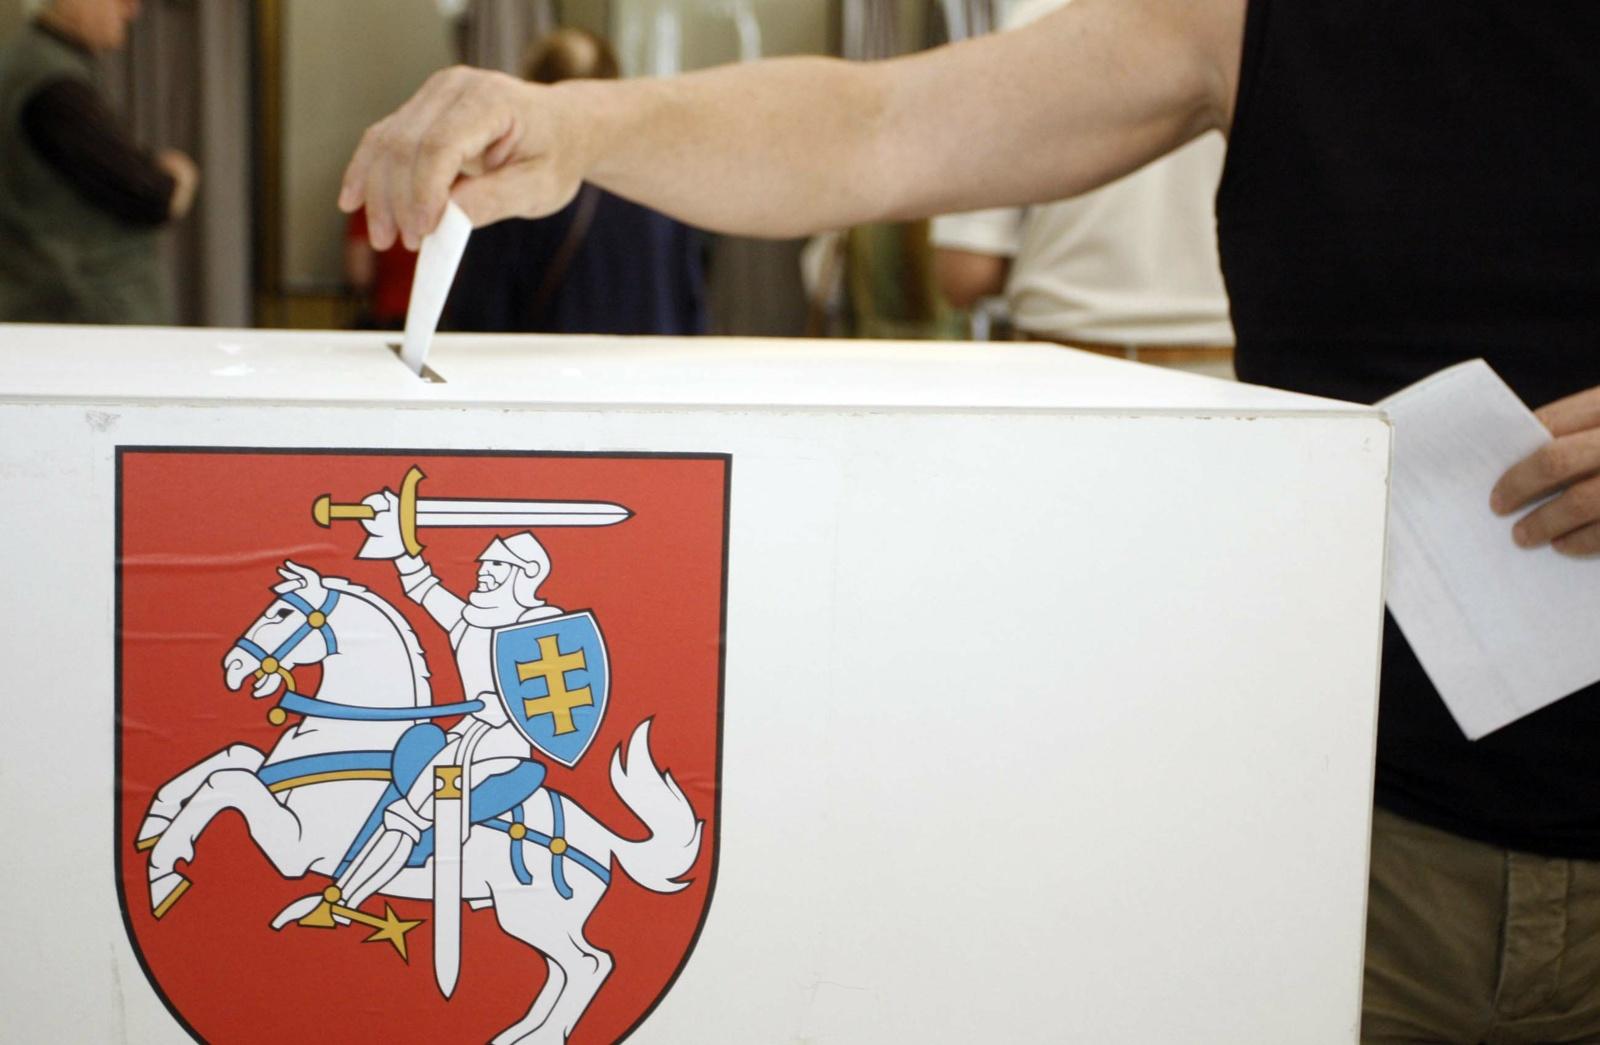 Socialdemokratai: TS–LKD, norėdami išsižadėti tiesioginių merų rinkimų, siekia susikurti sau palankią rinkimų sistemą